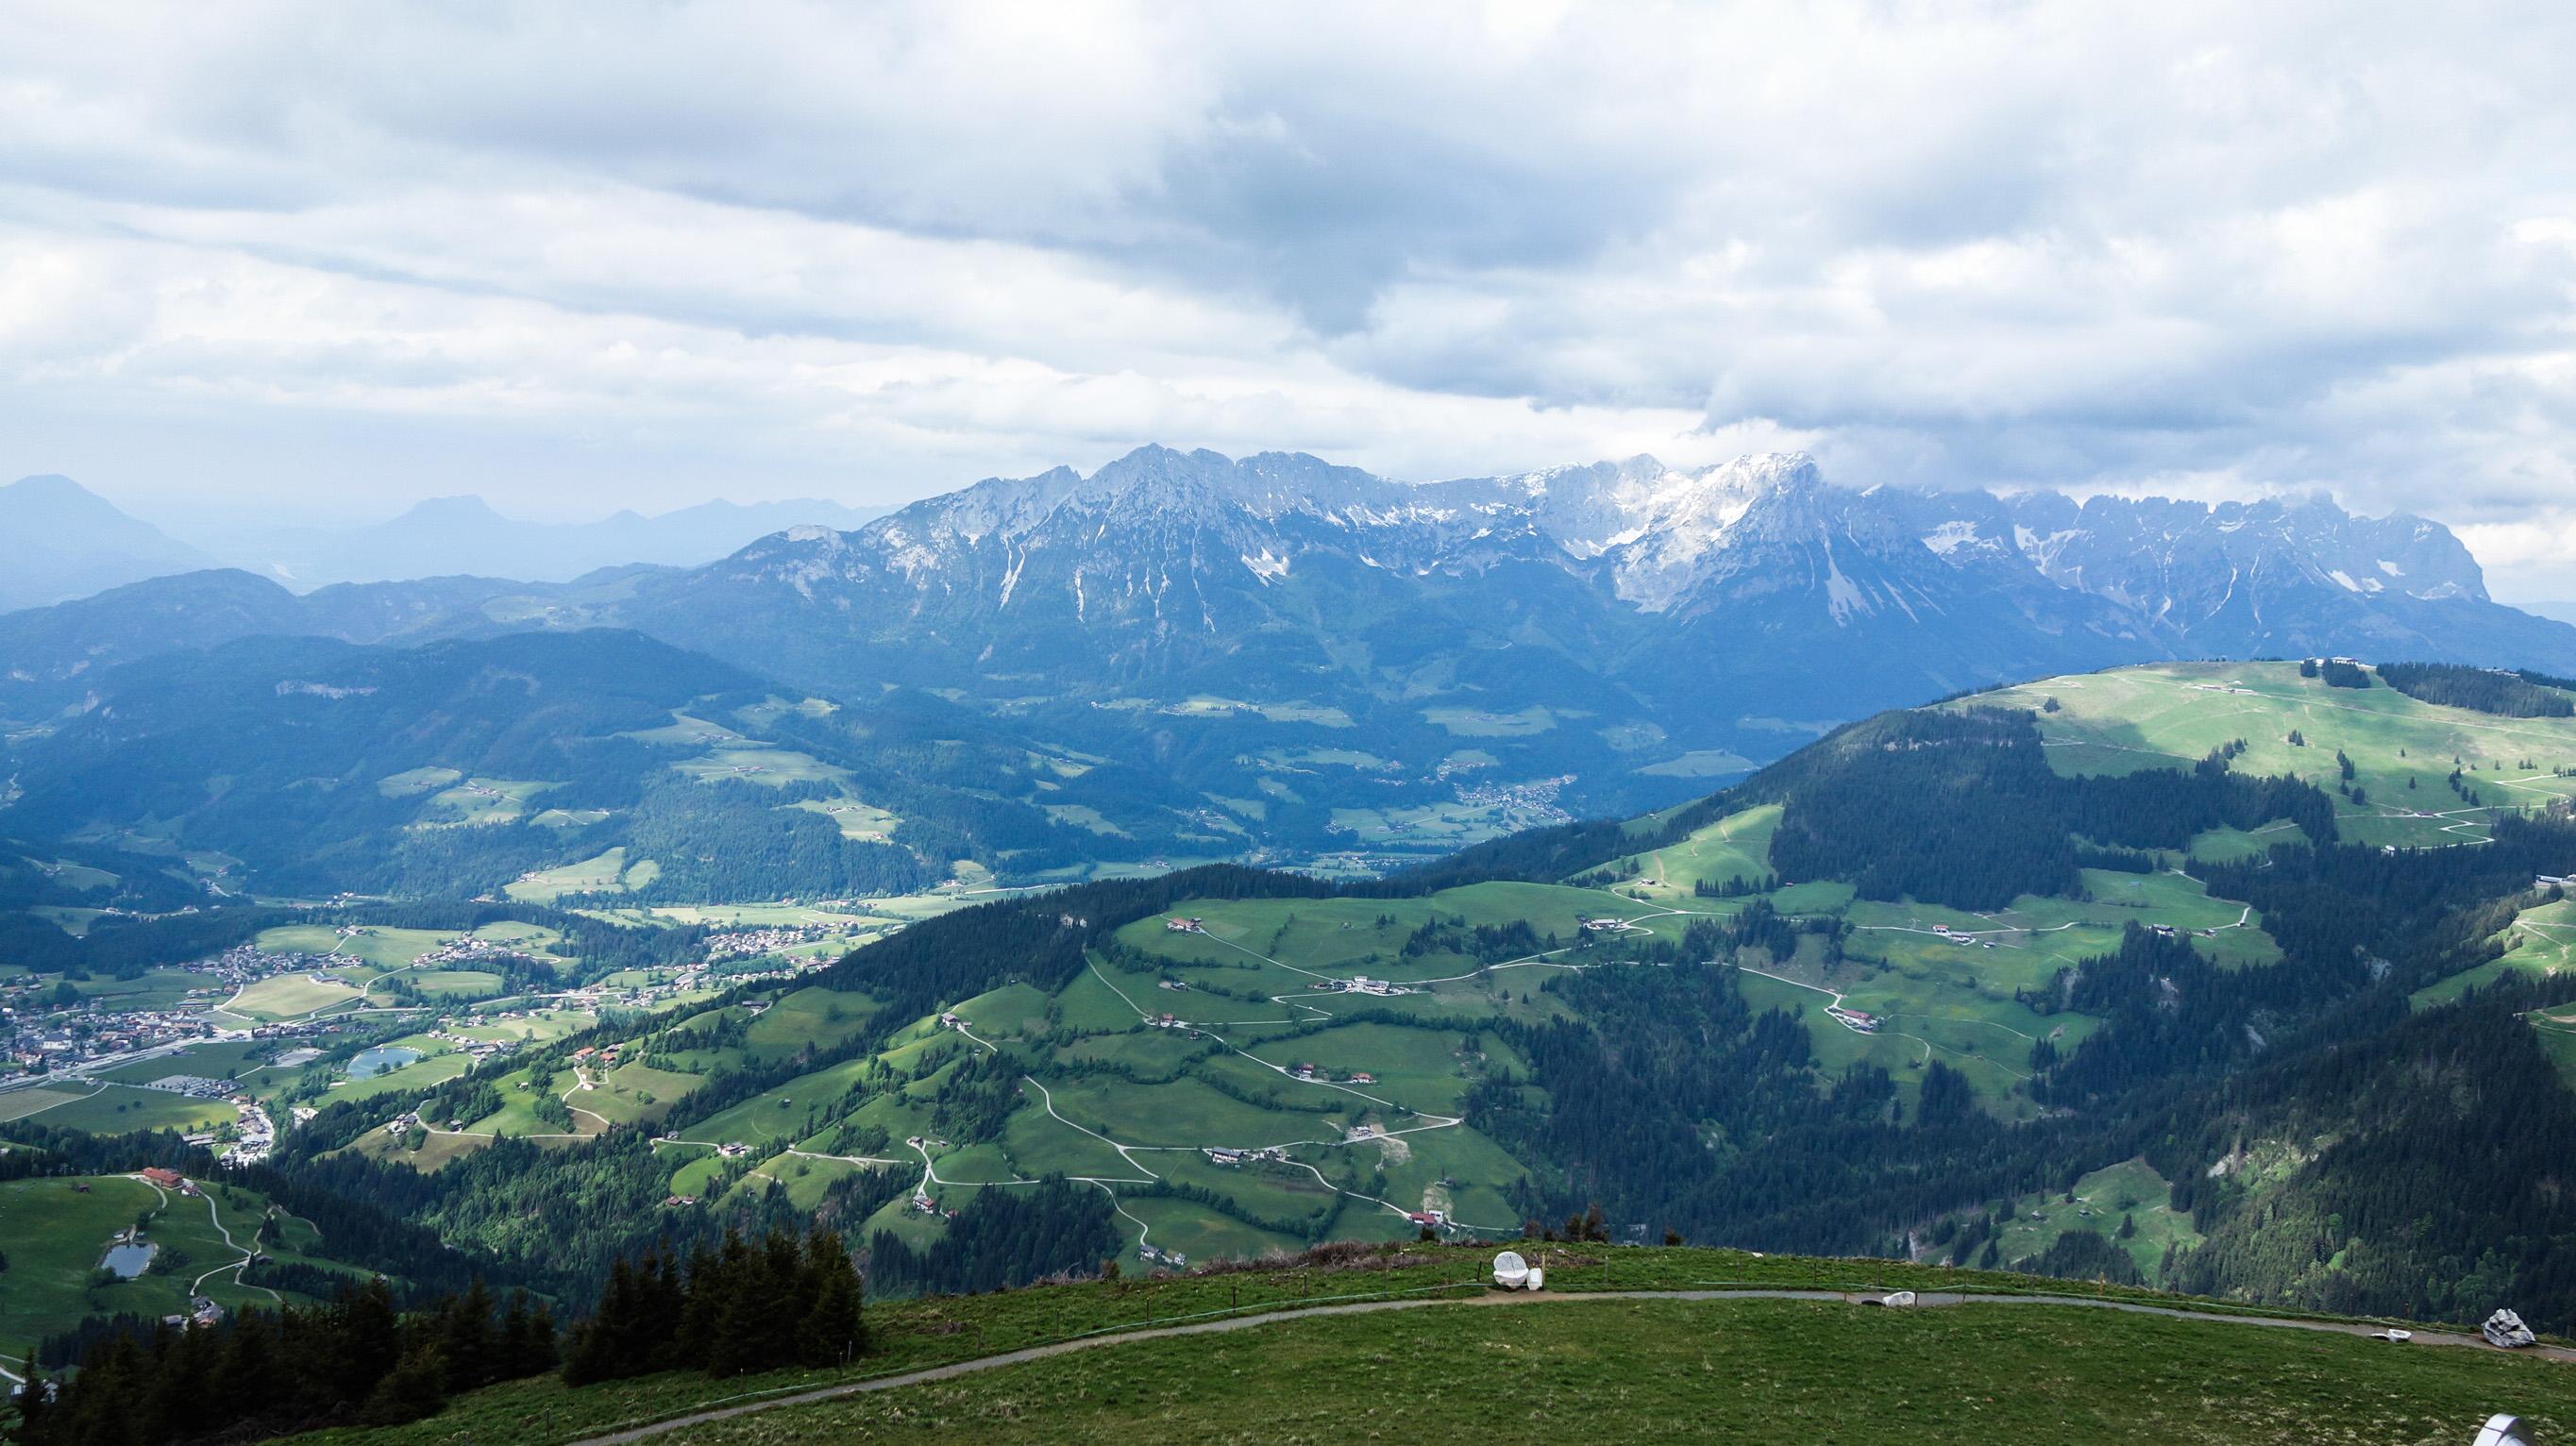 Jolies vue en Autriche - un voyage en Autriche à la découverte de la gastronomie et de la culture tyrolienne